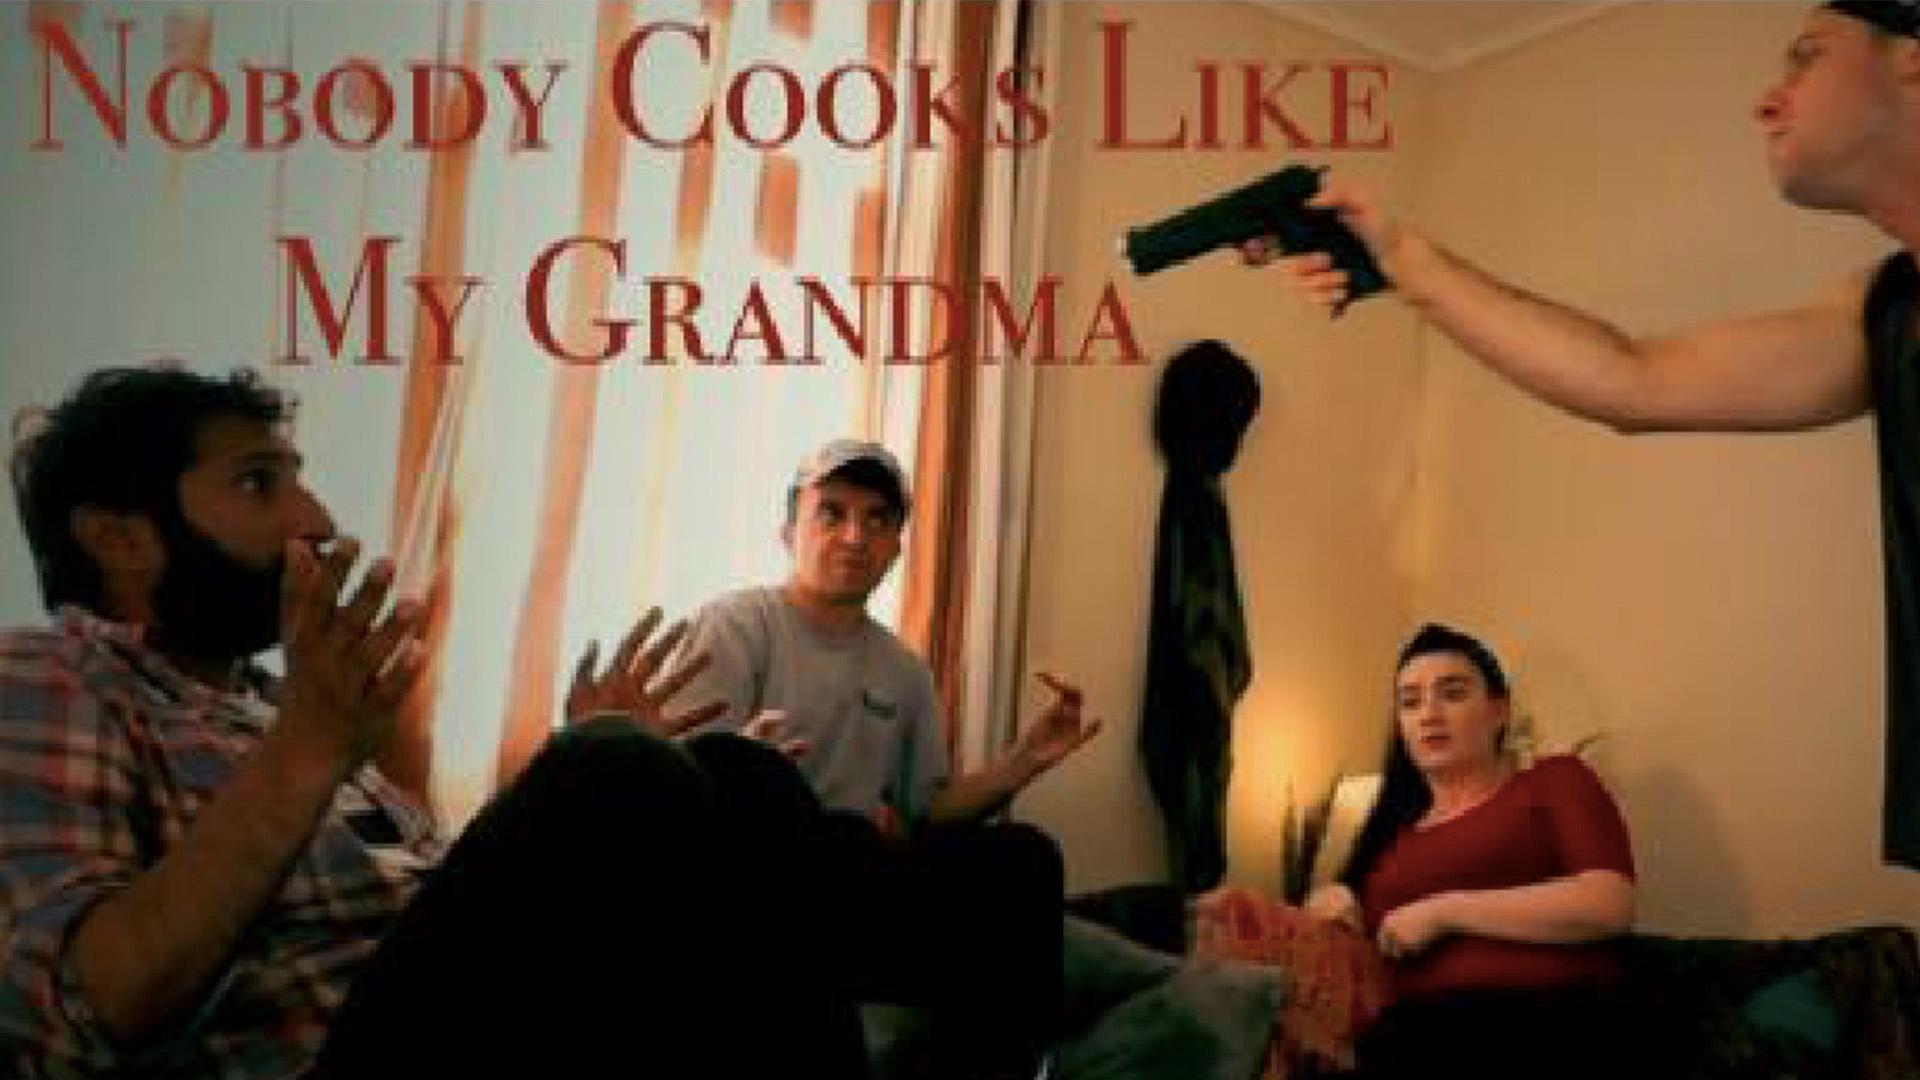 Nobody Cooks Like Grandma